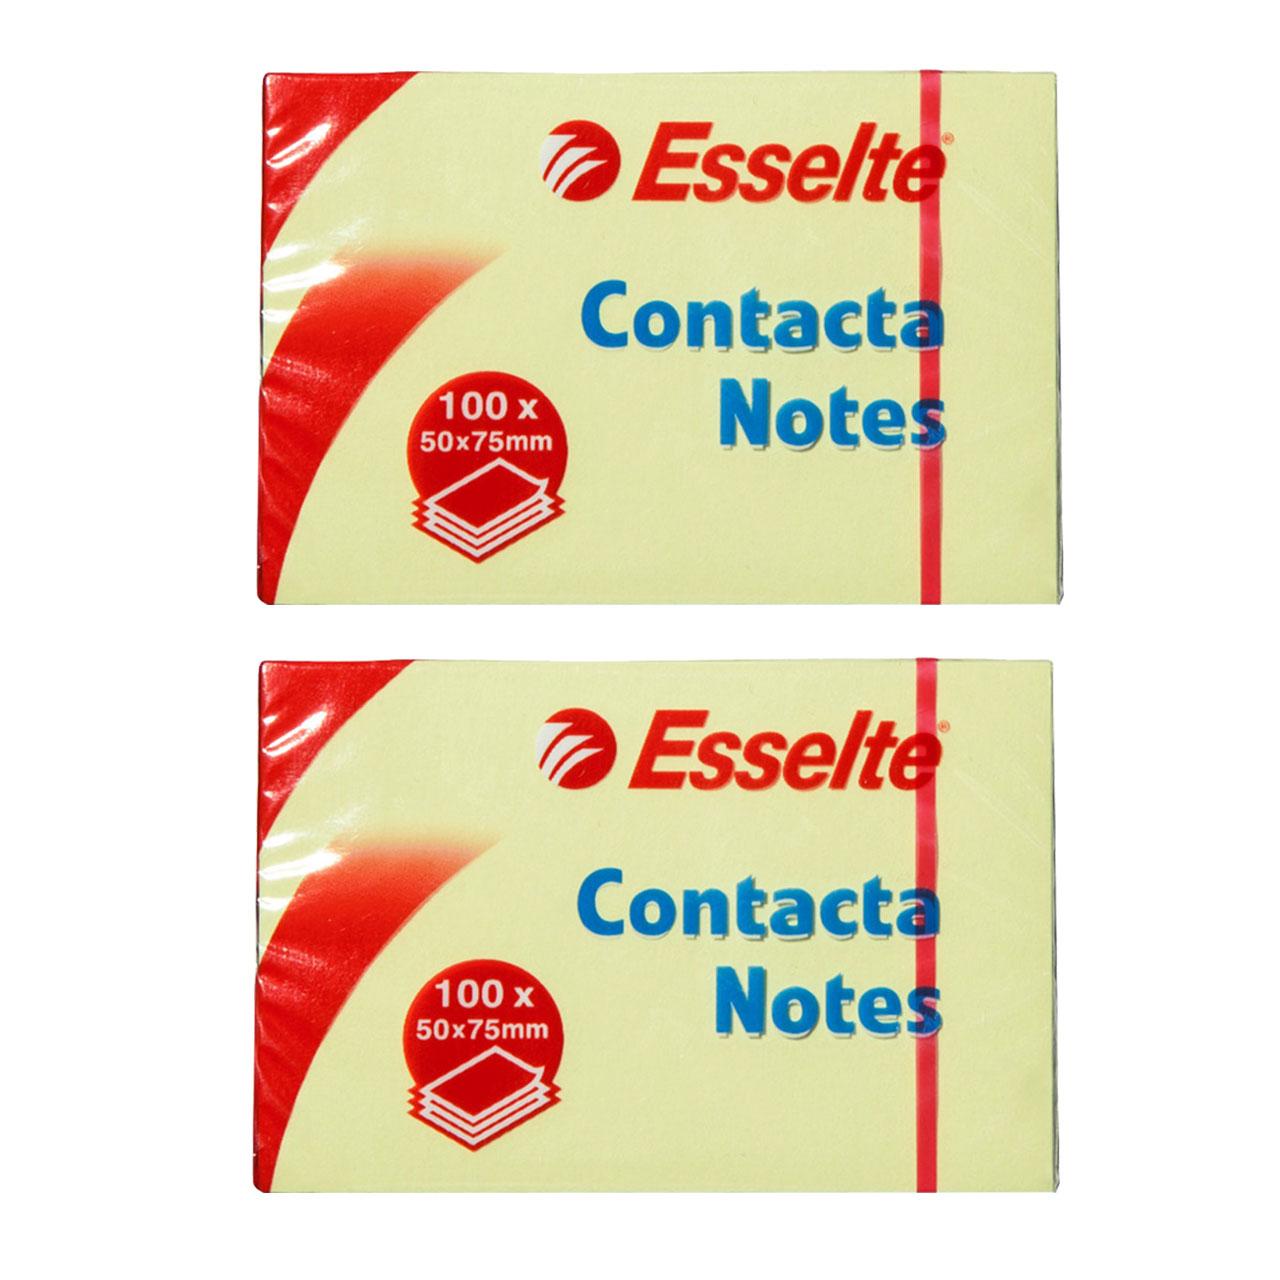 کاغذ یادداشت چسب دار ایسلتی مدل Contacta-83005 بسته دوعددی